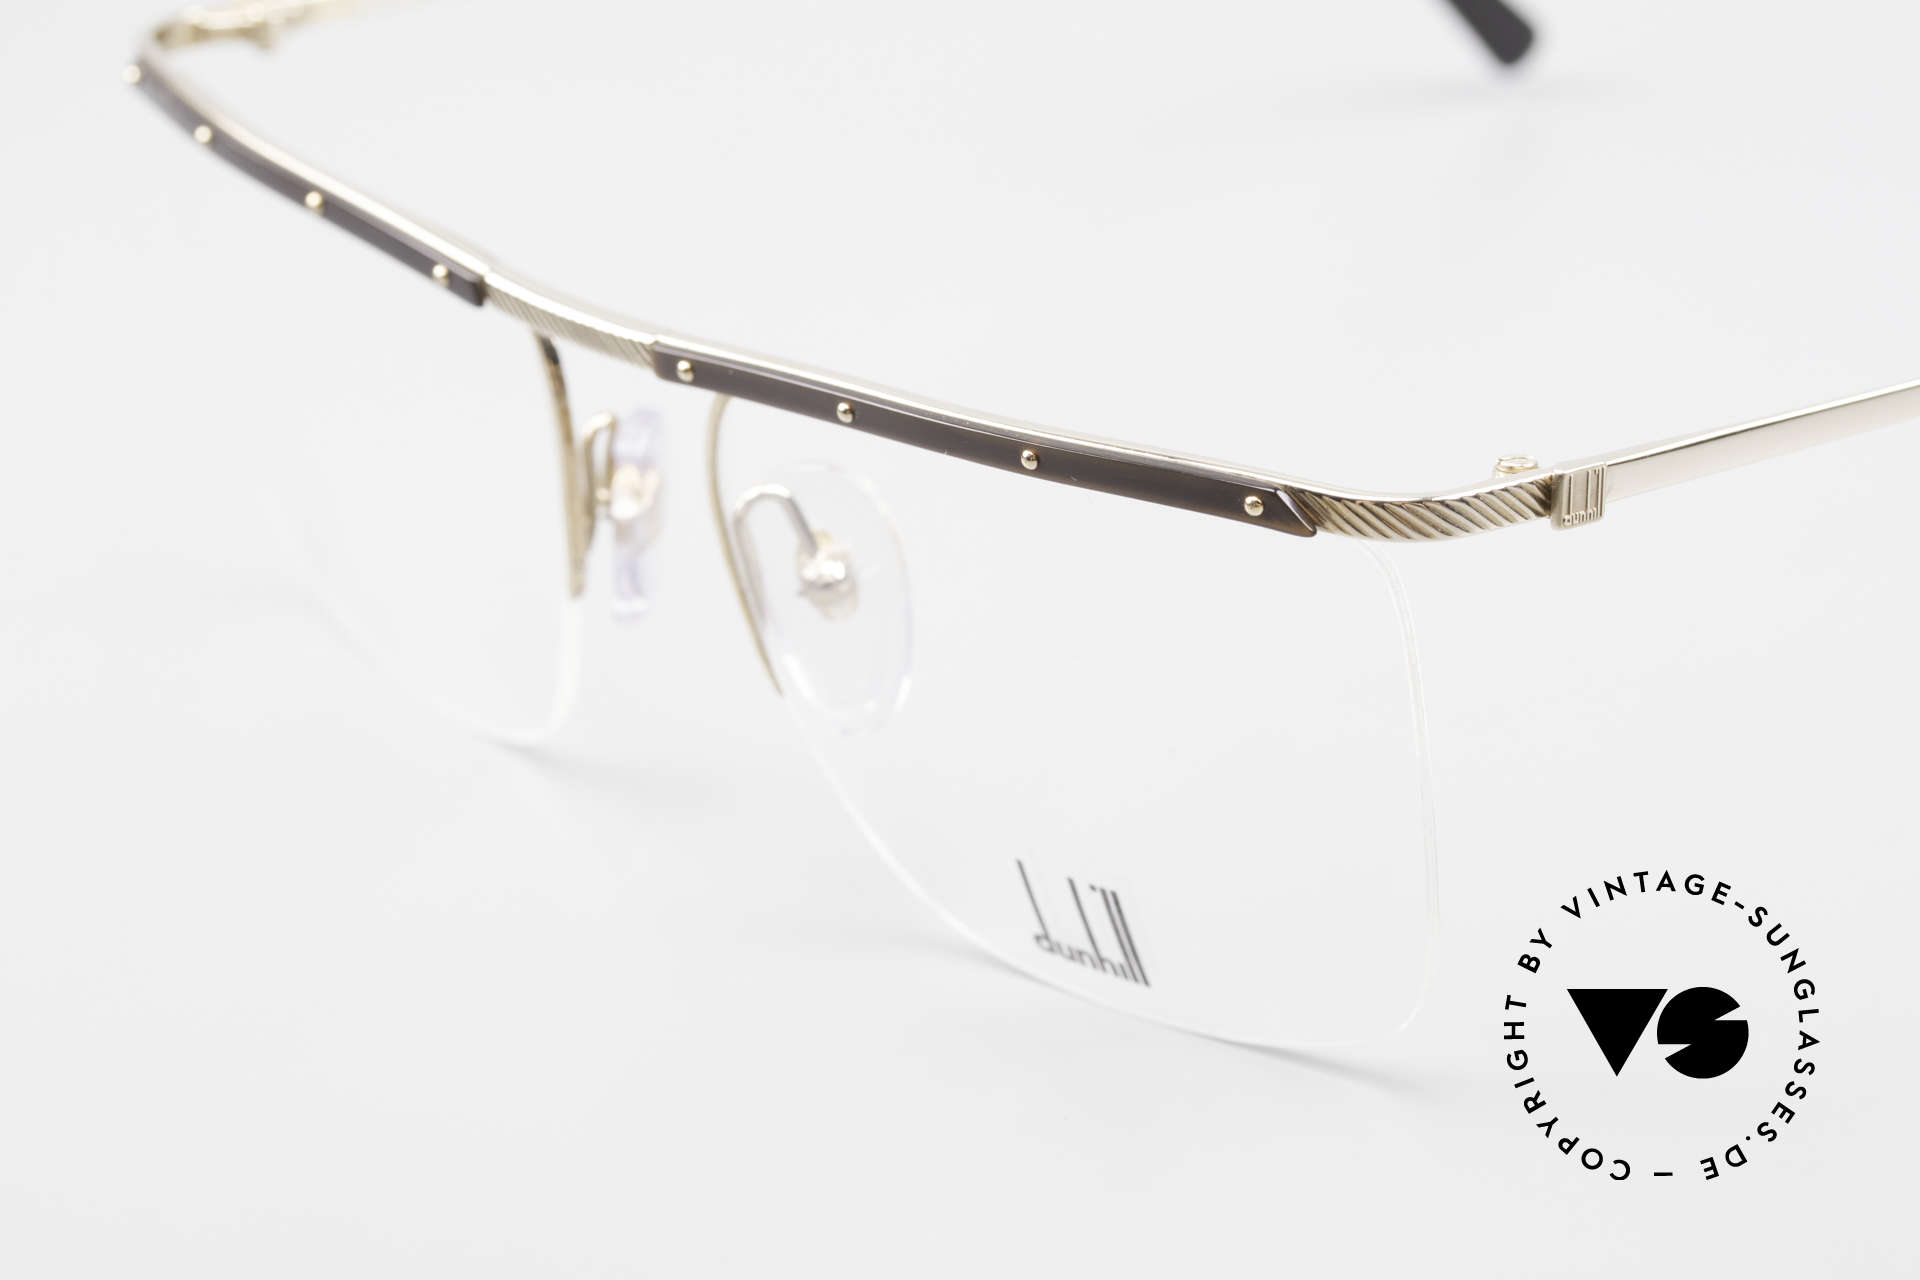 Dunhill 6056 Alte Horn Brille 80er Vintage, ein vintage Klassiker in absoluter Top-Qualität, Passend für Herren